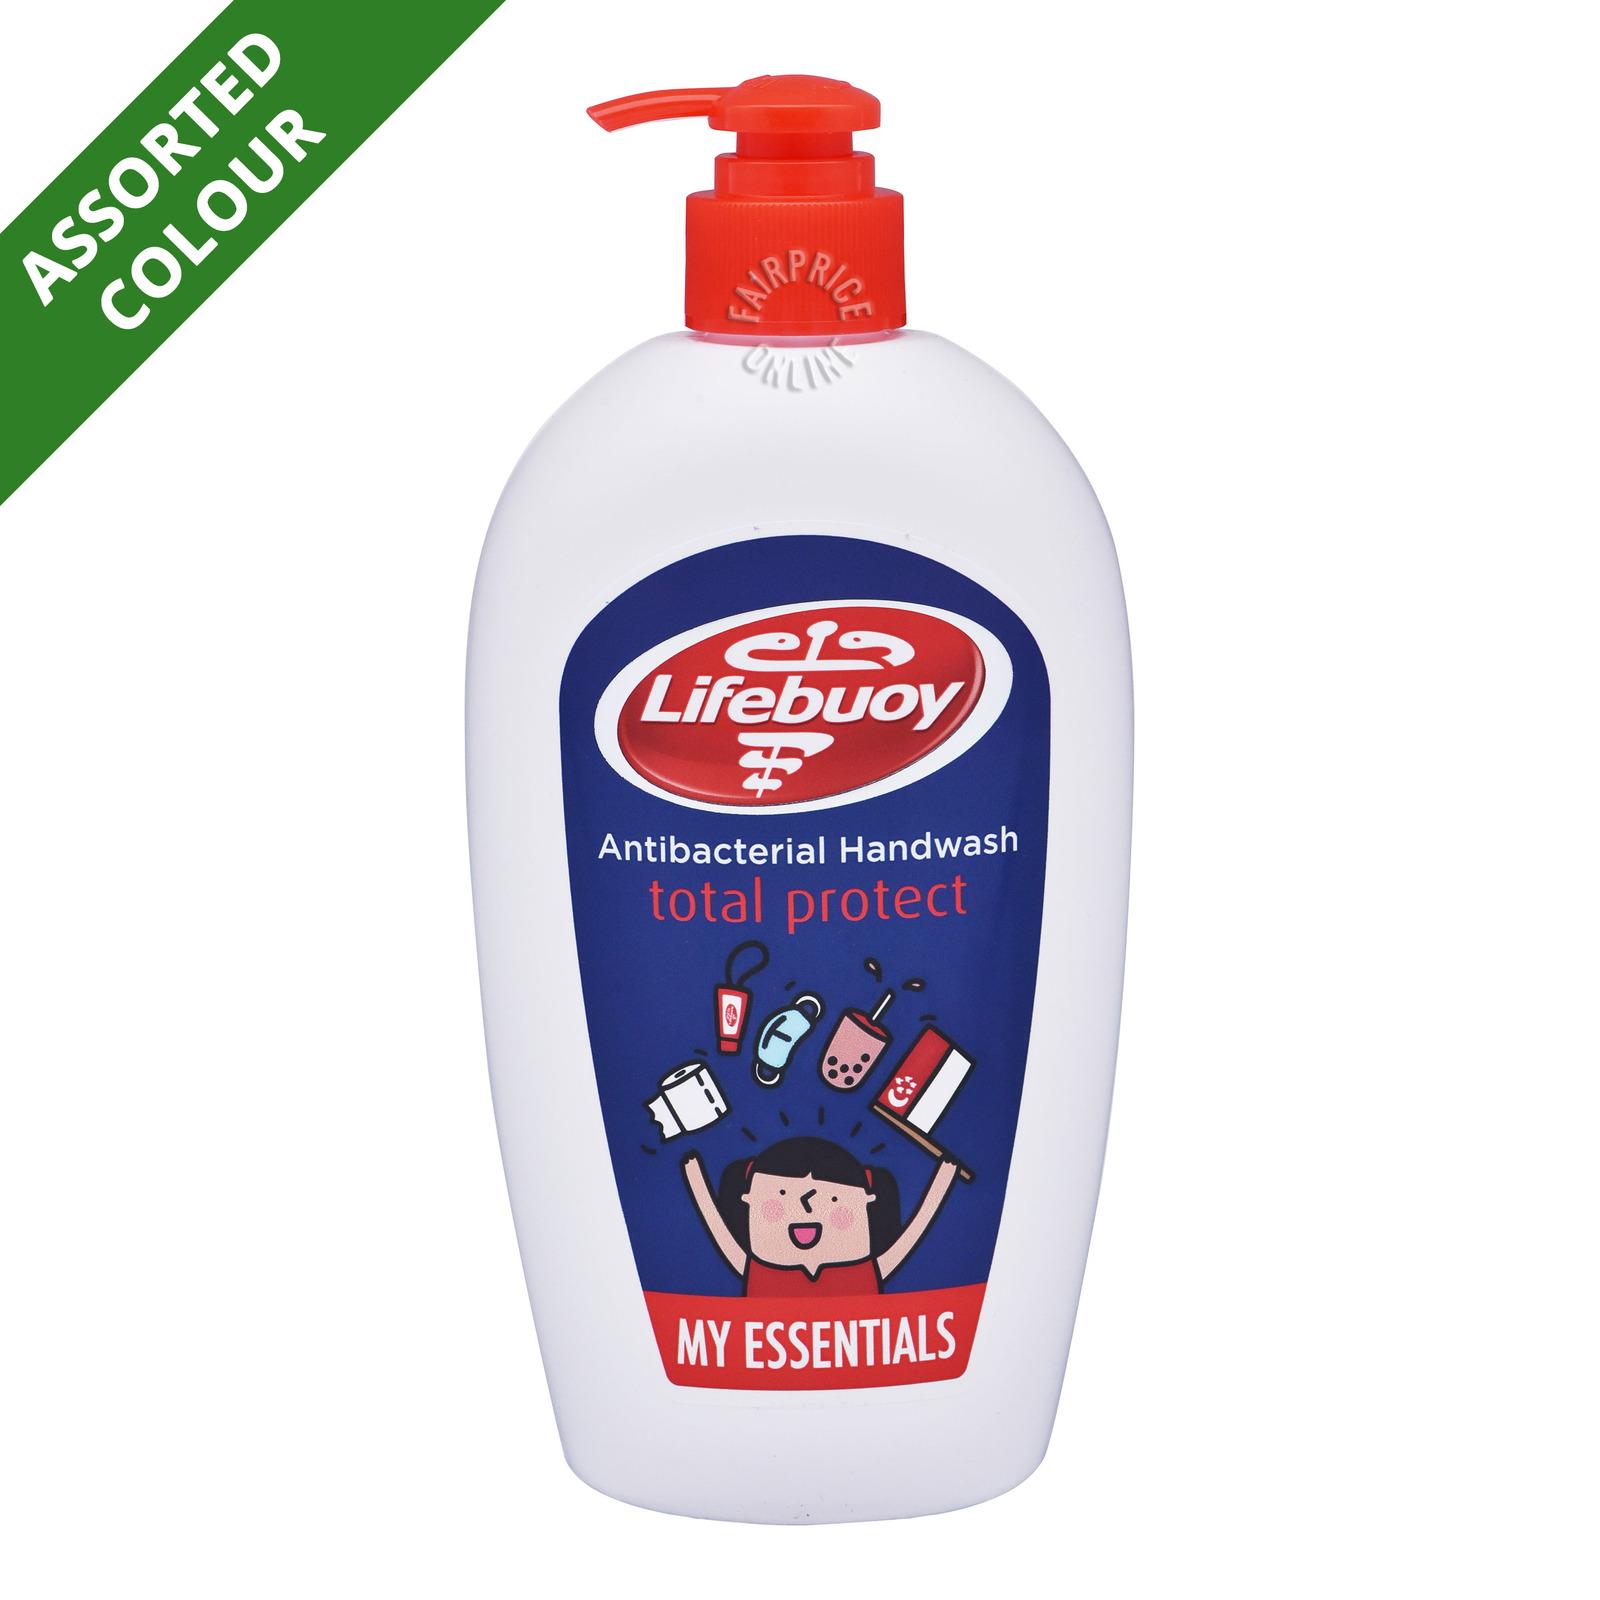 Lifebuoy Antibacterial Handwash - Total Protect